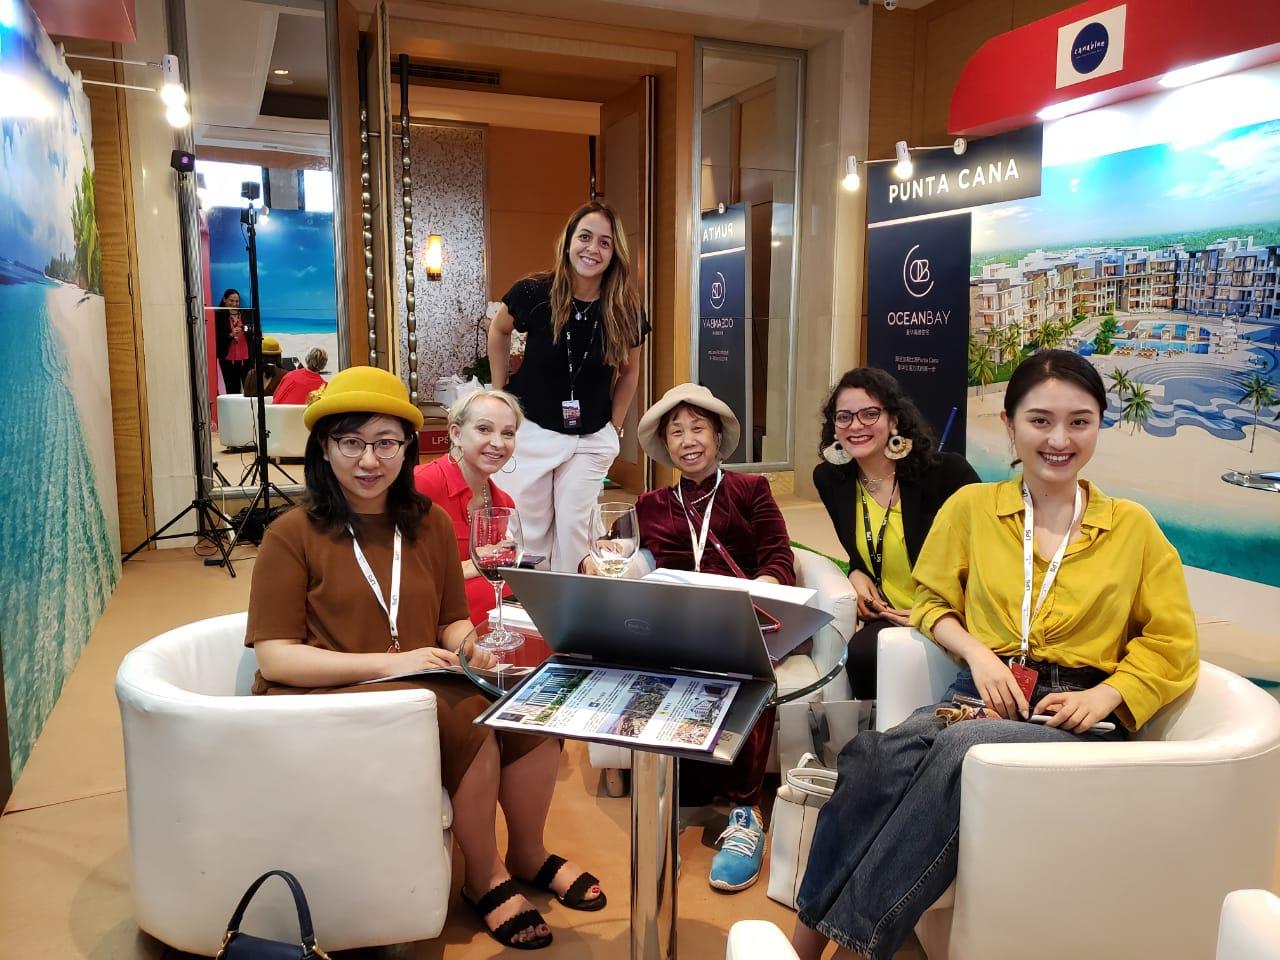 Todo el lujo e innovación de Punta Cana viaja a Beijing de la mano de líderes dominicanos en el sector inmobiliario